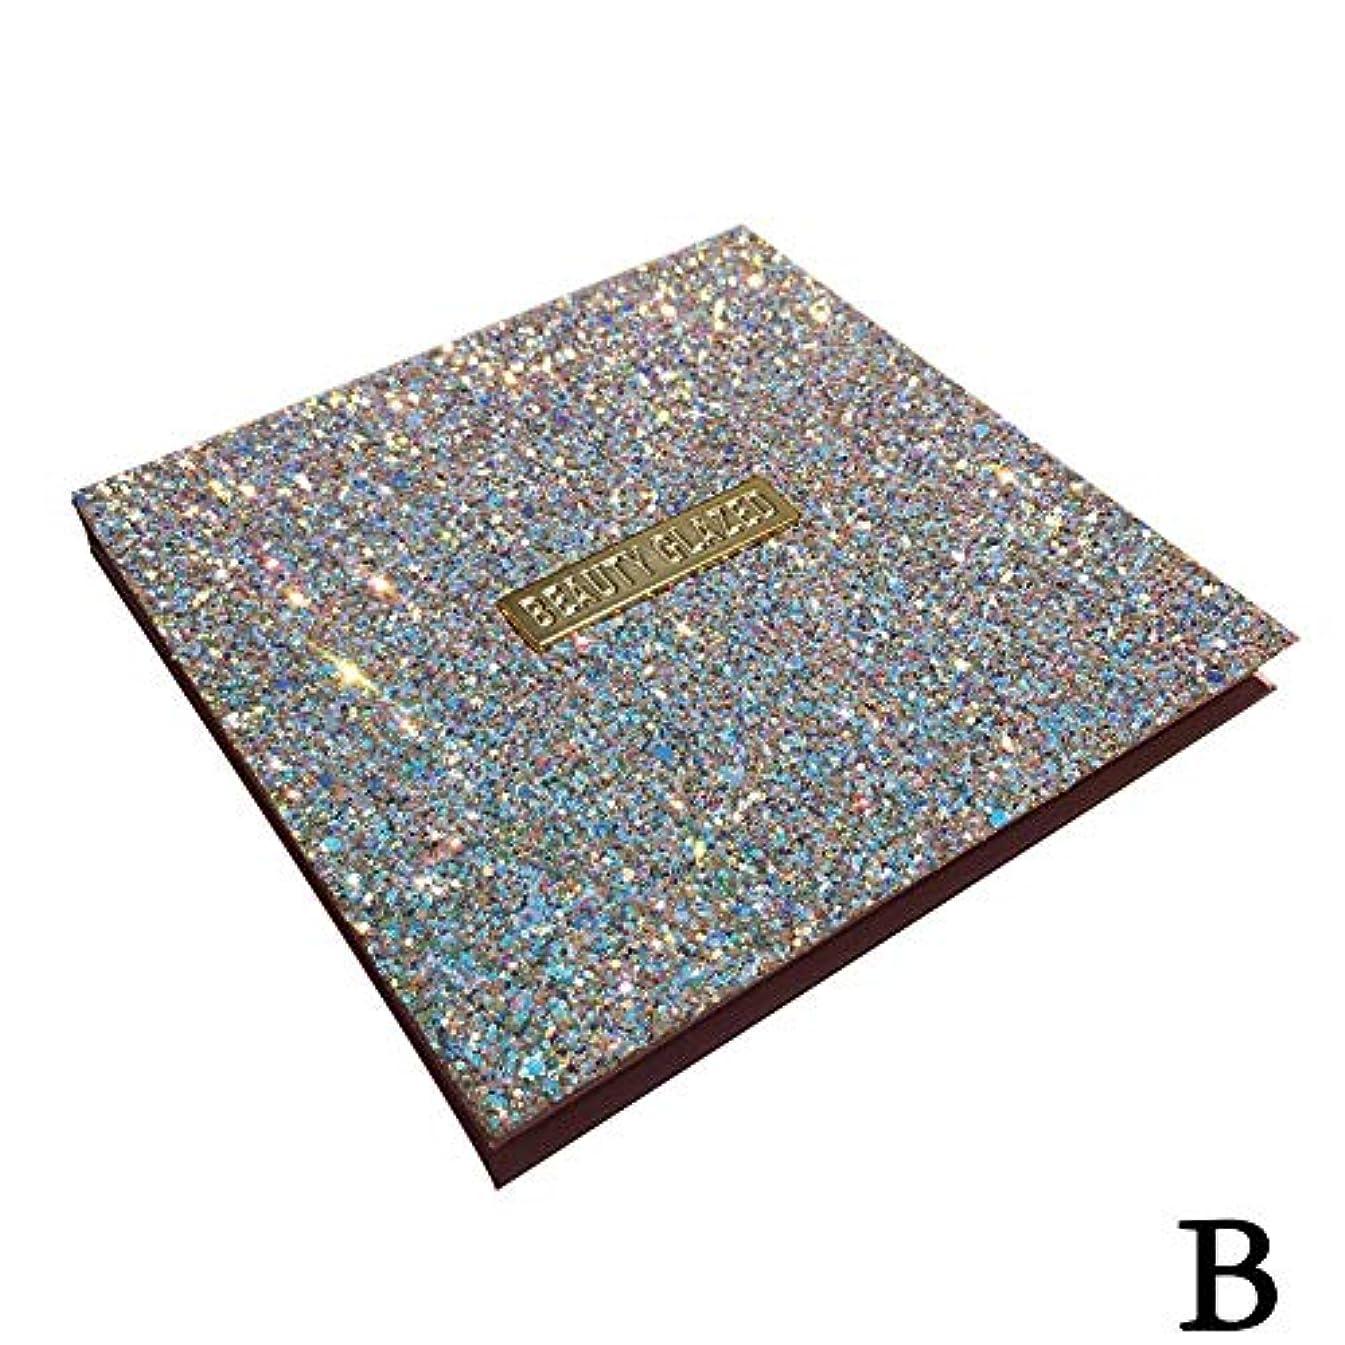 パトワ外観文庫本(ゴールデン ドリーミング)Golden Dreaming beauty glazed 無光沢の真珠16色のアイシャドウ (B 2#)